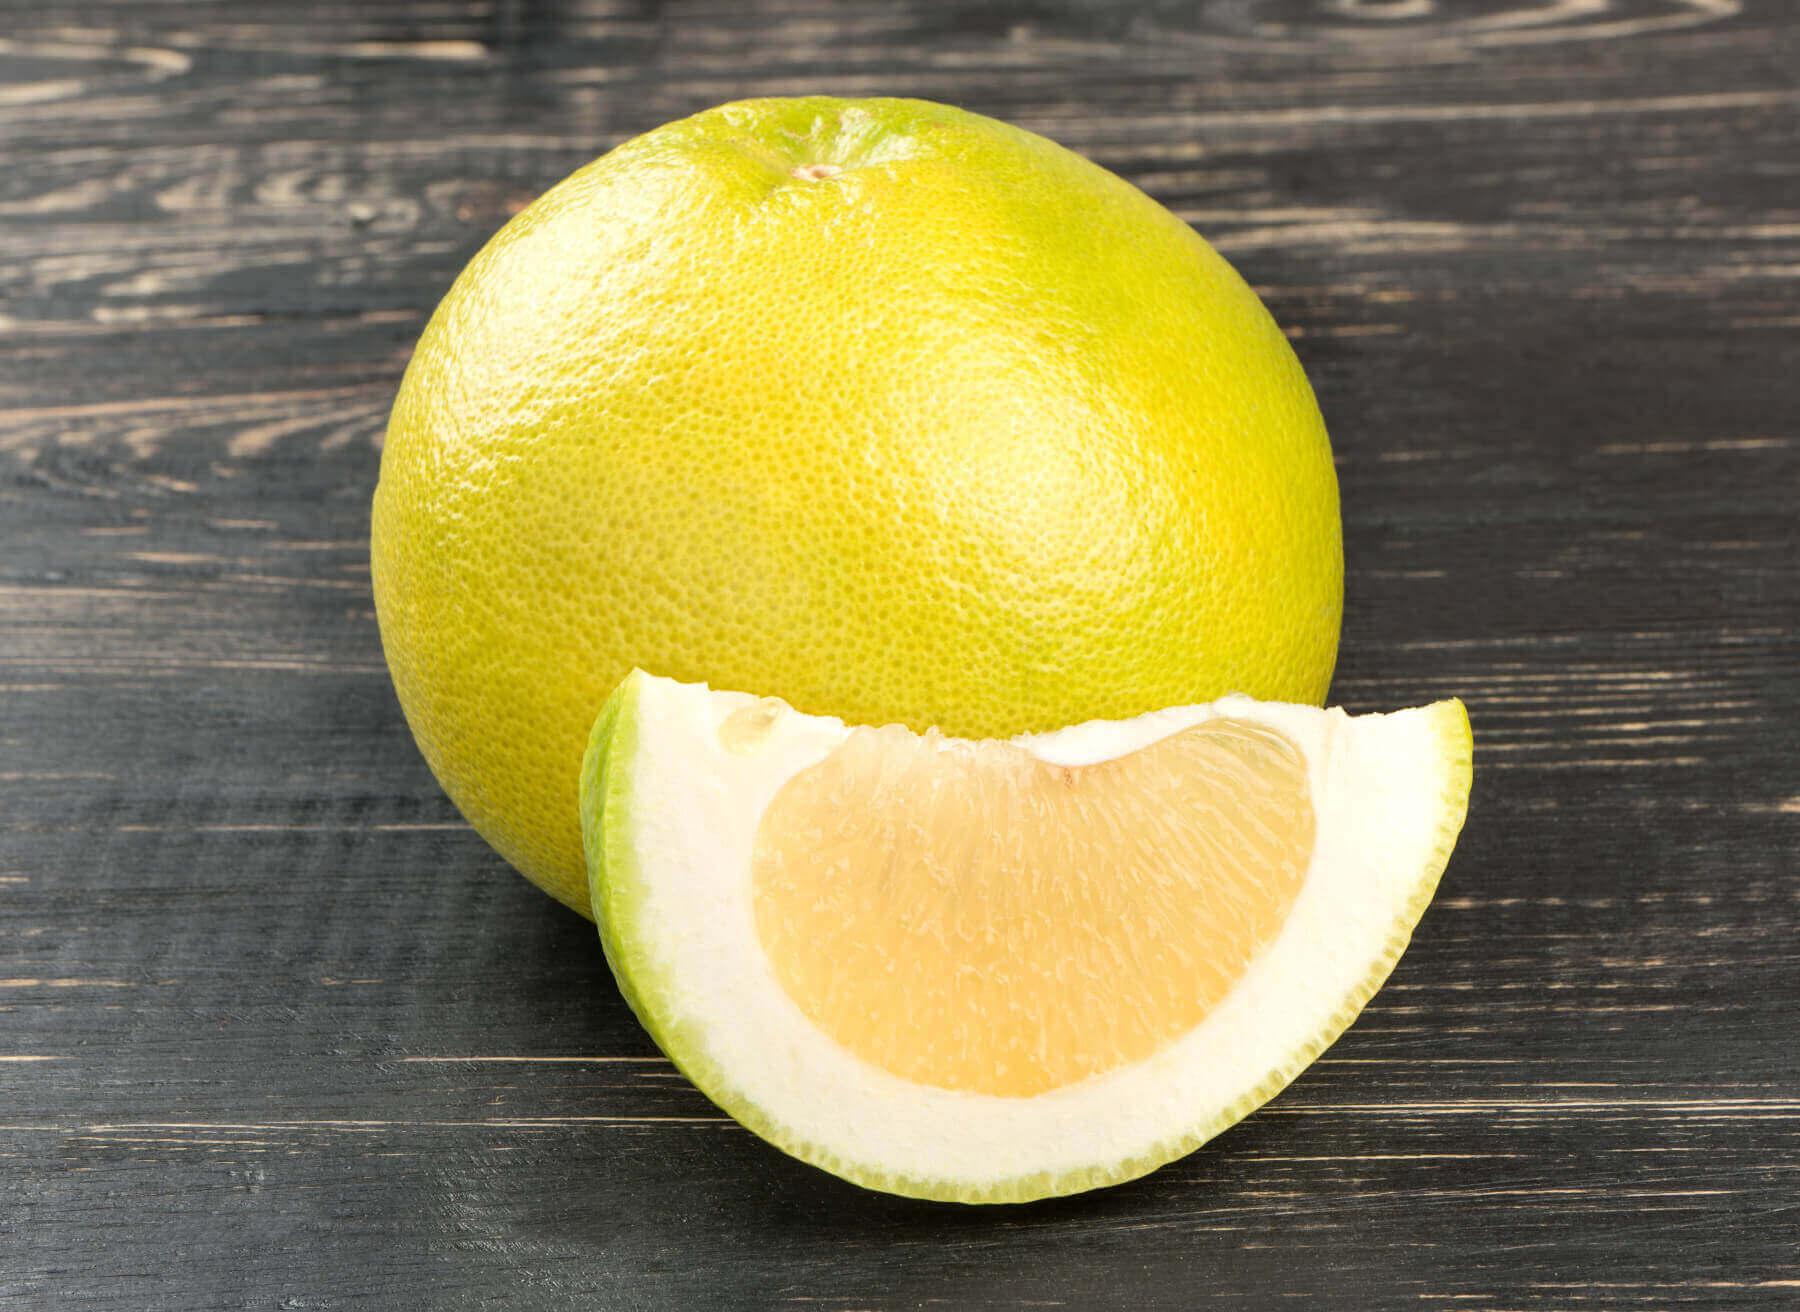 фрукт свити похож на лимон фото